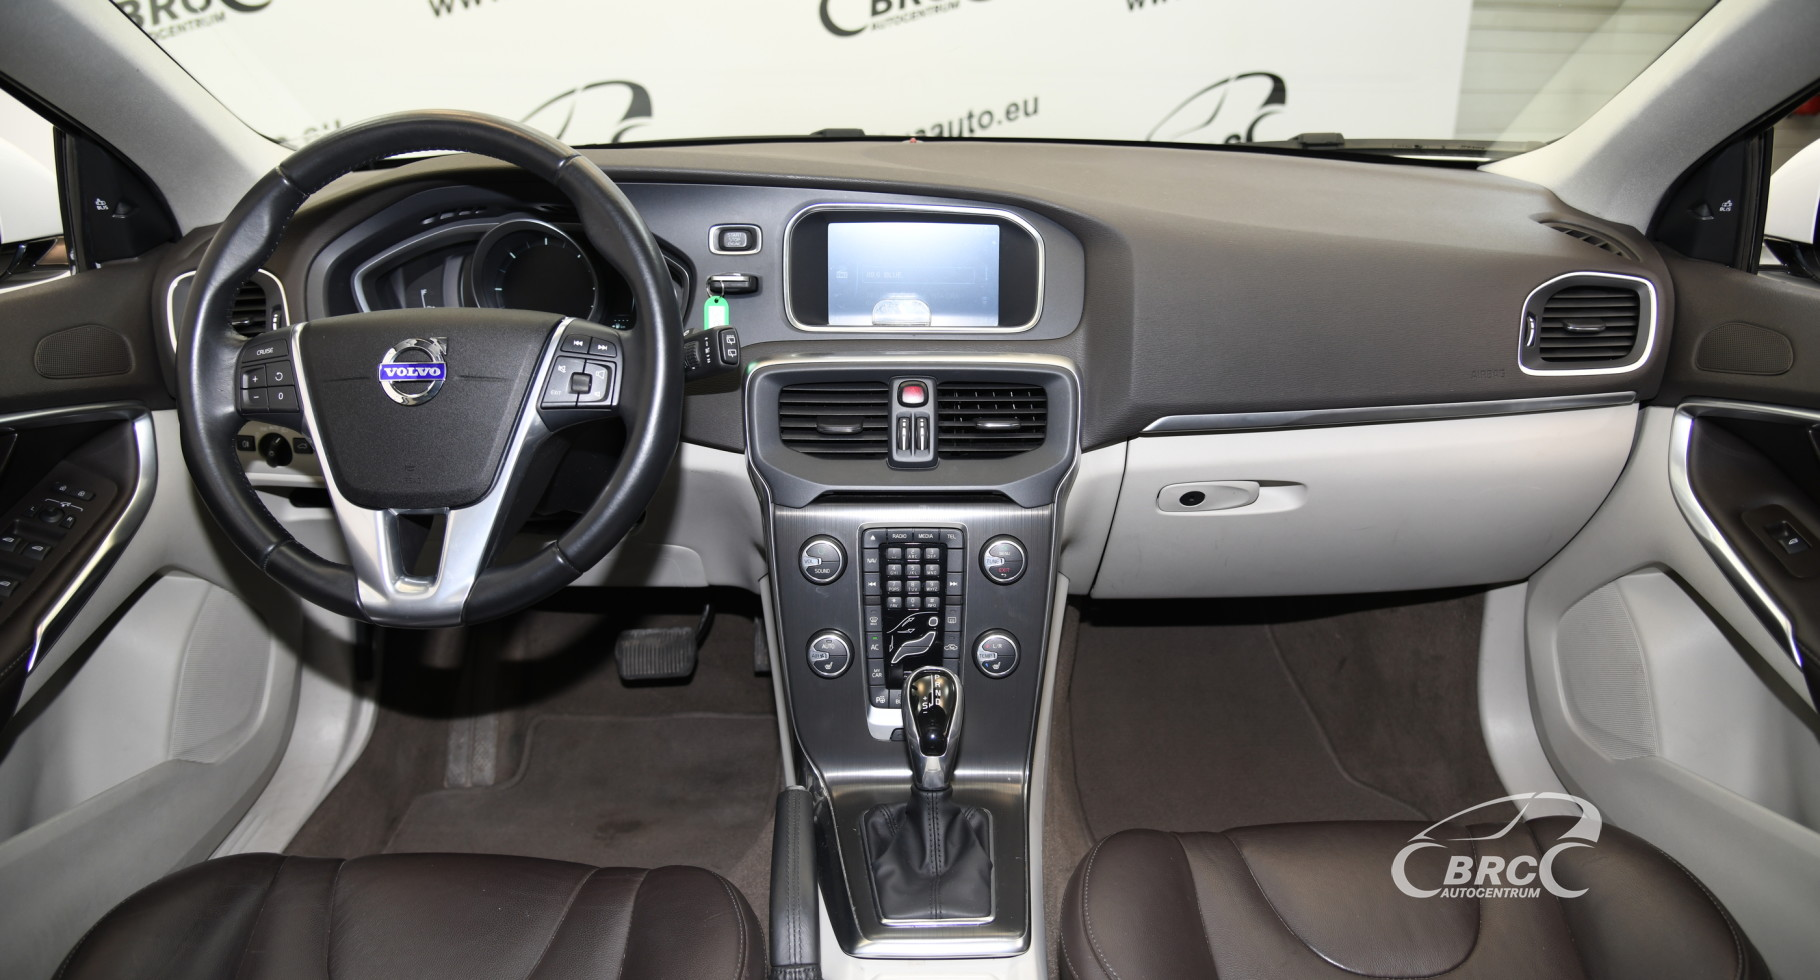 Volvo V40 1.6 D2 eDrive Automatas